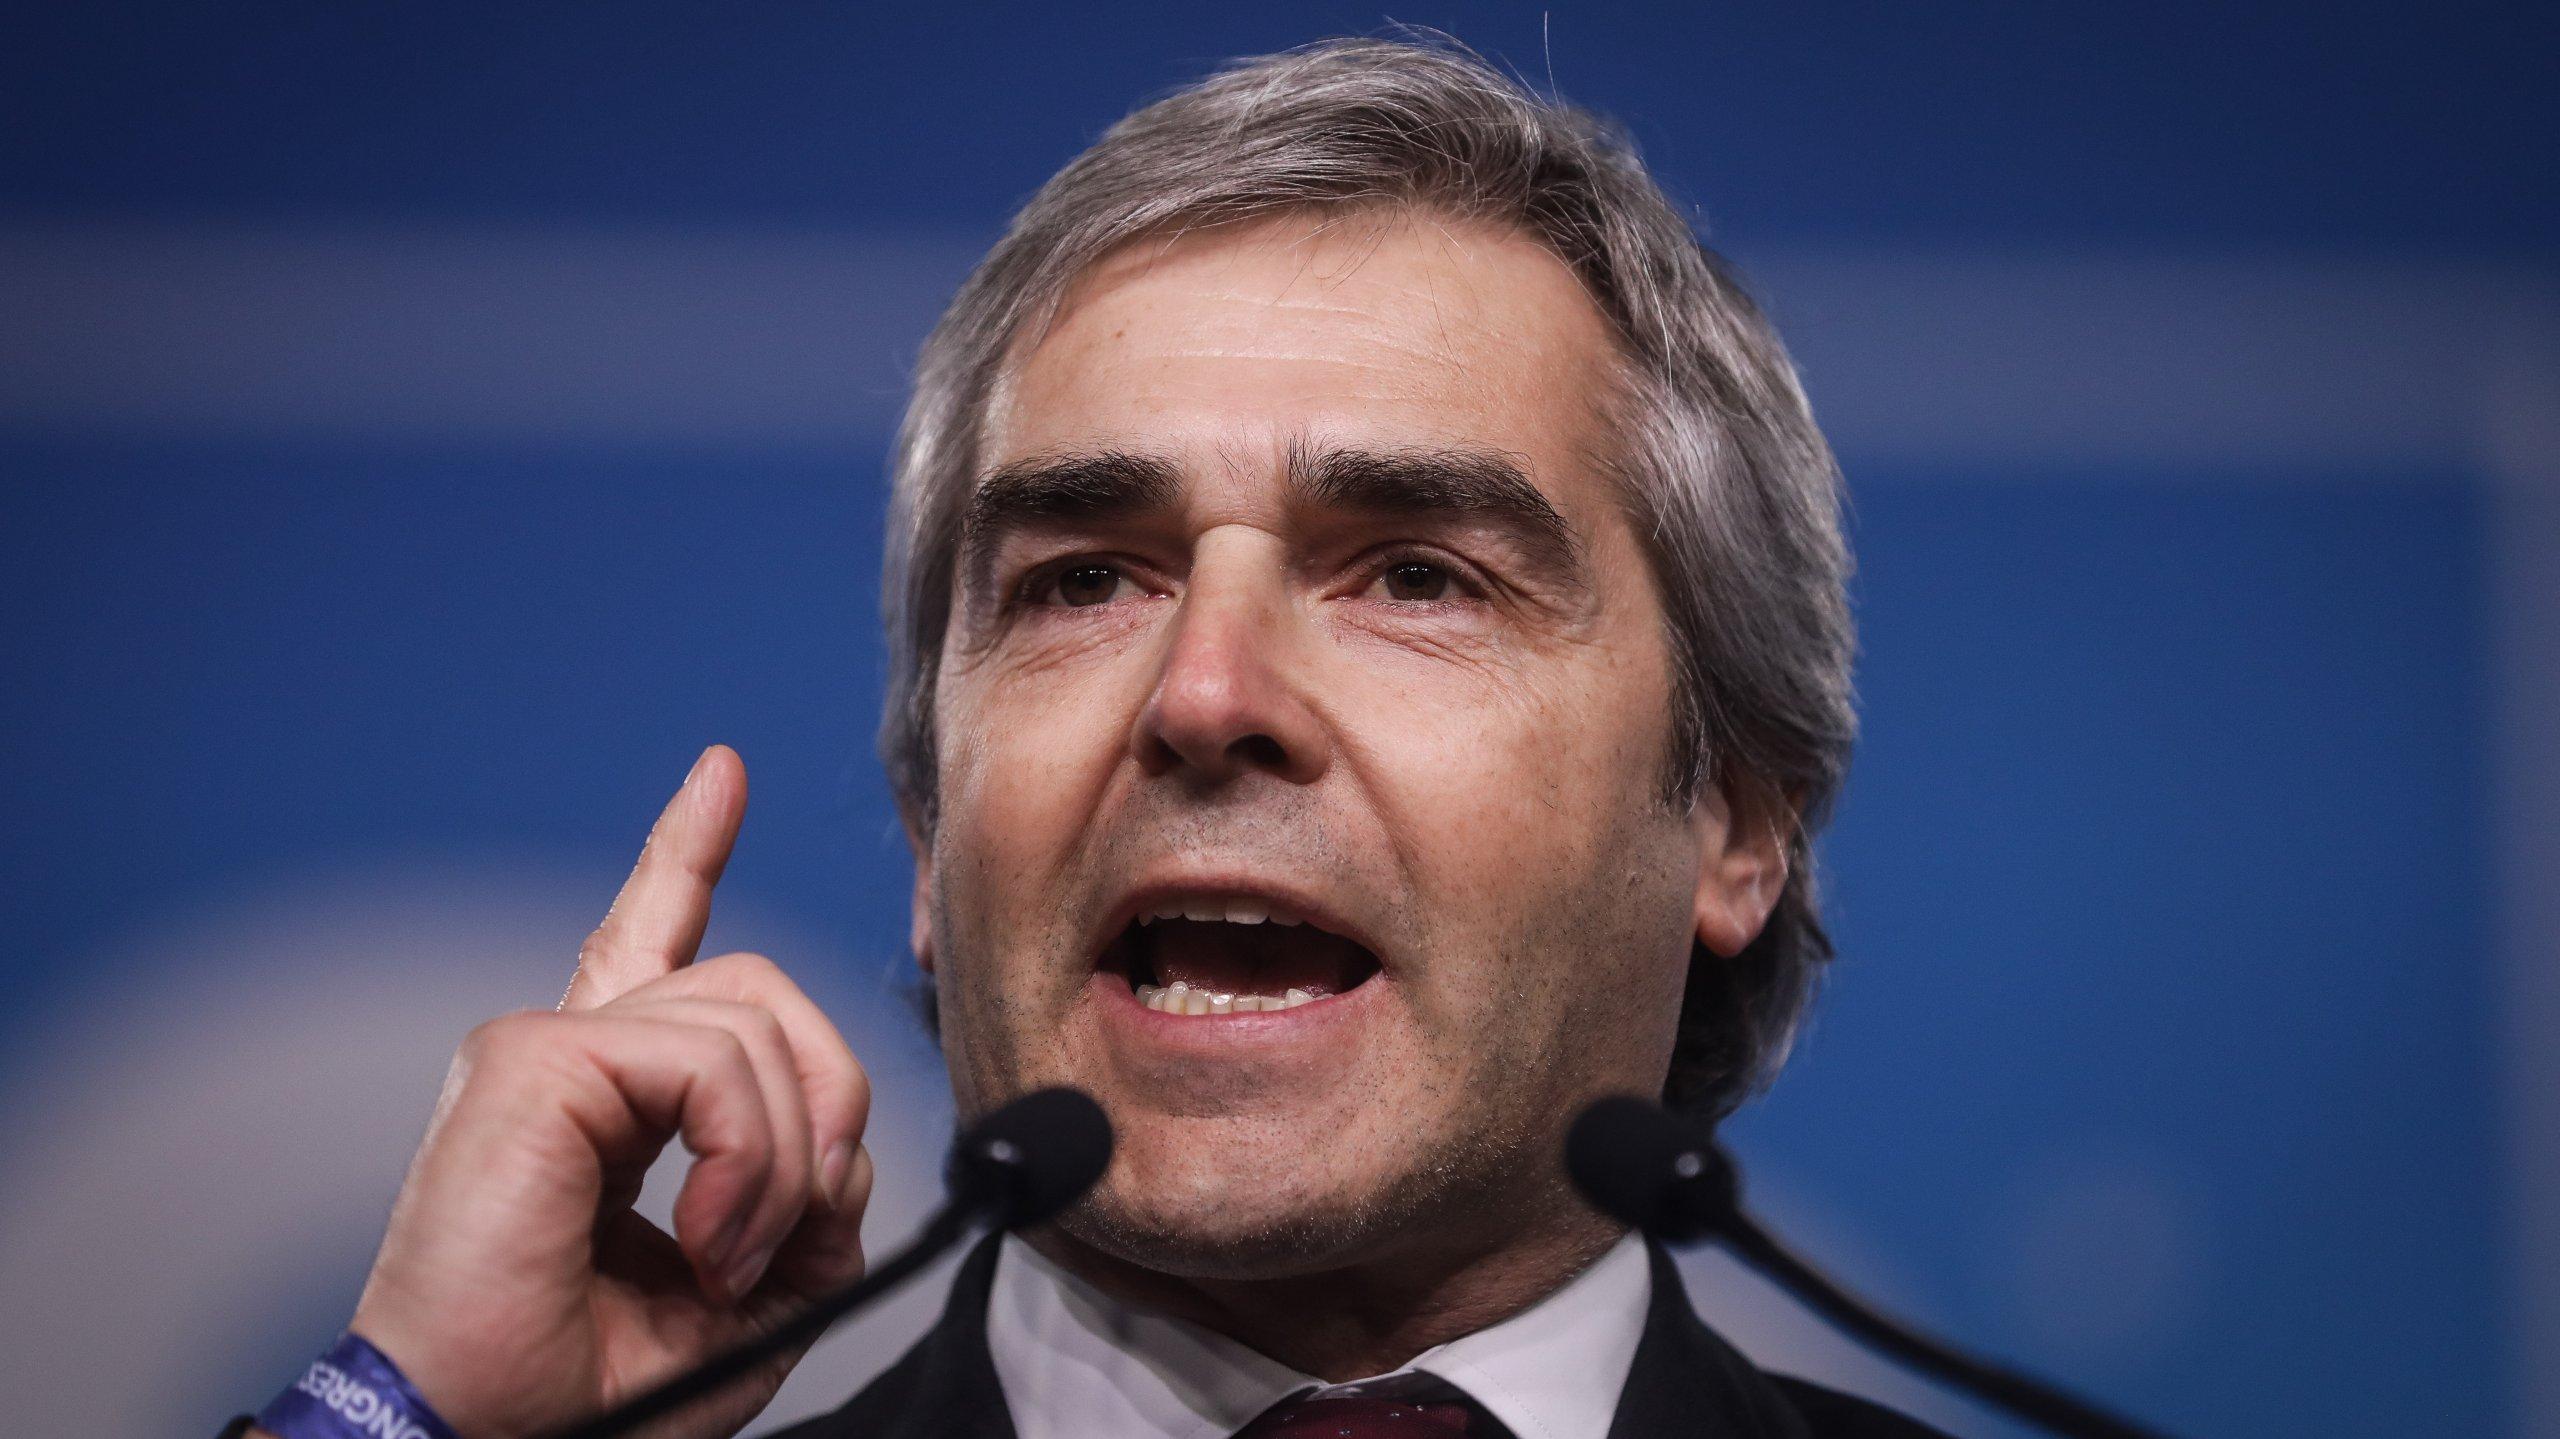 28º Congresso do CDS: Discurso de Nuno Melo onde anunciou o apoio à moção de João Almeida no 28º Congresso do CDS que se realiza nos dias 25 e 26 de janeiro em Aveiro.